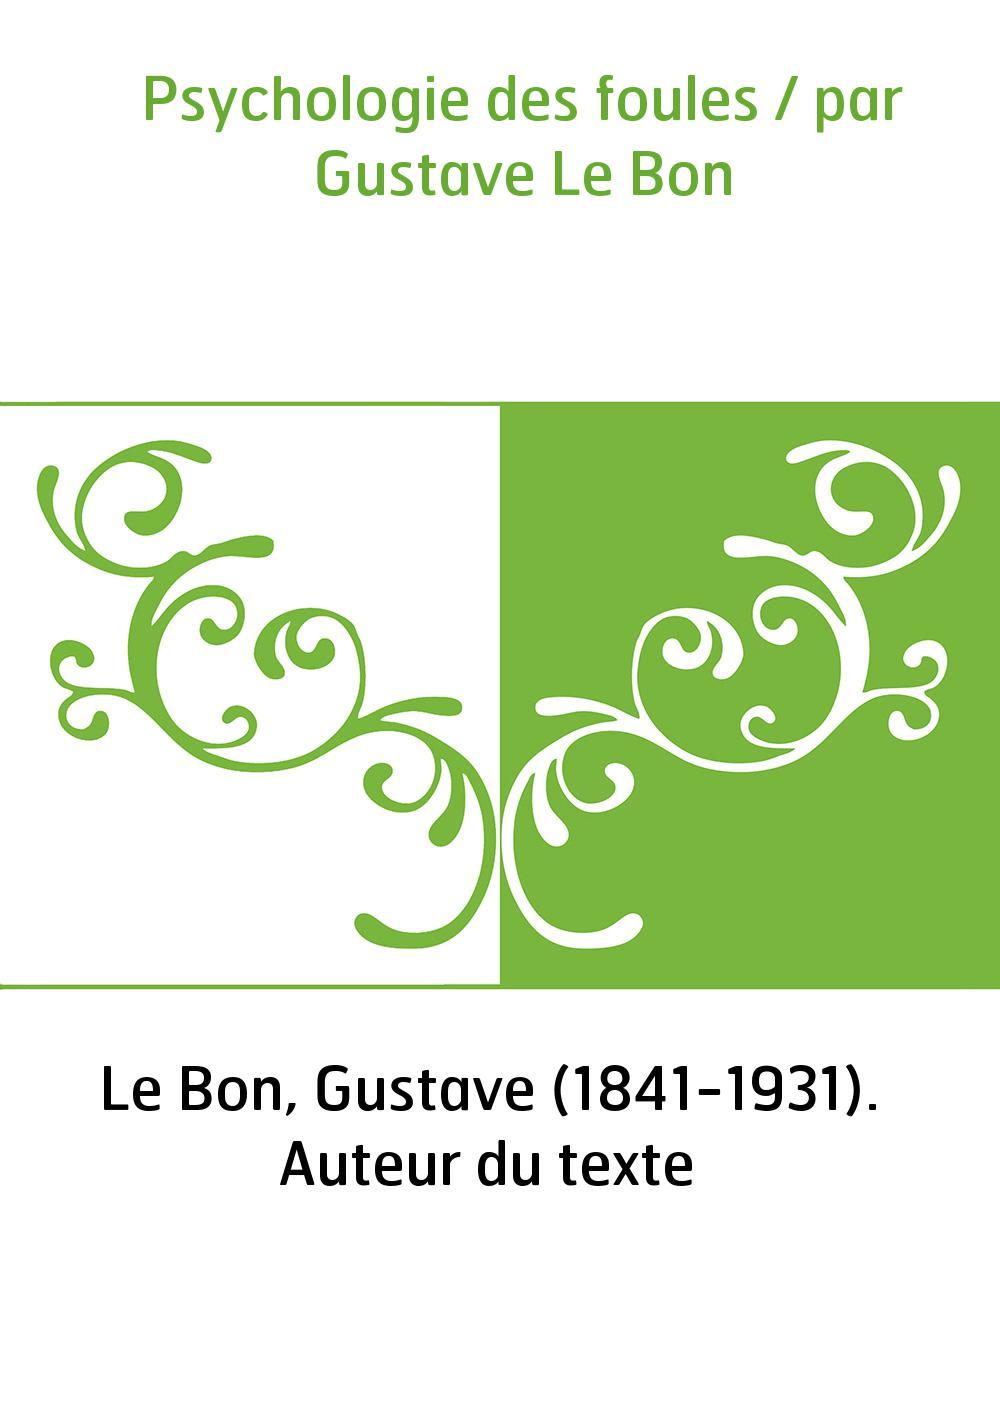 Psychologie des foules / par Gustave Le Bon